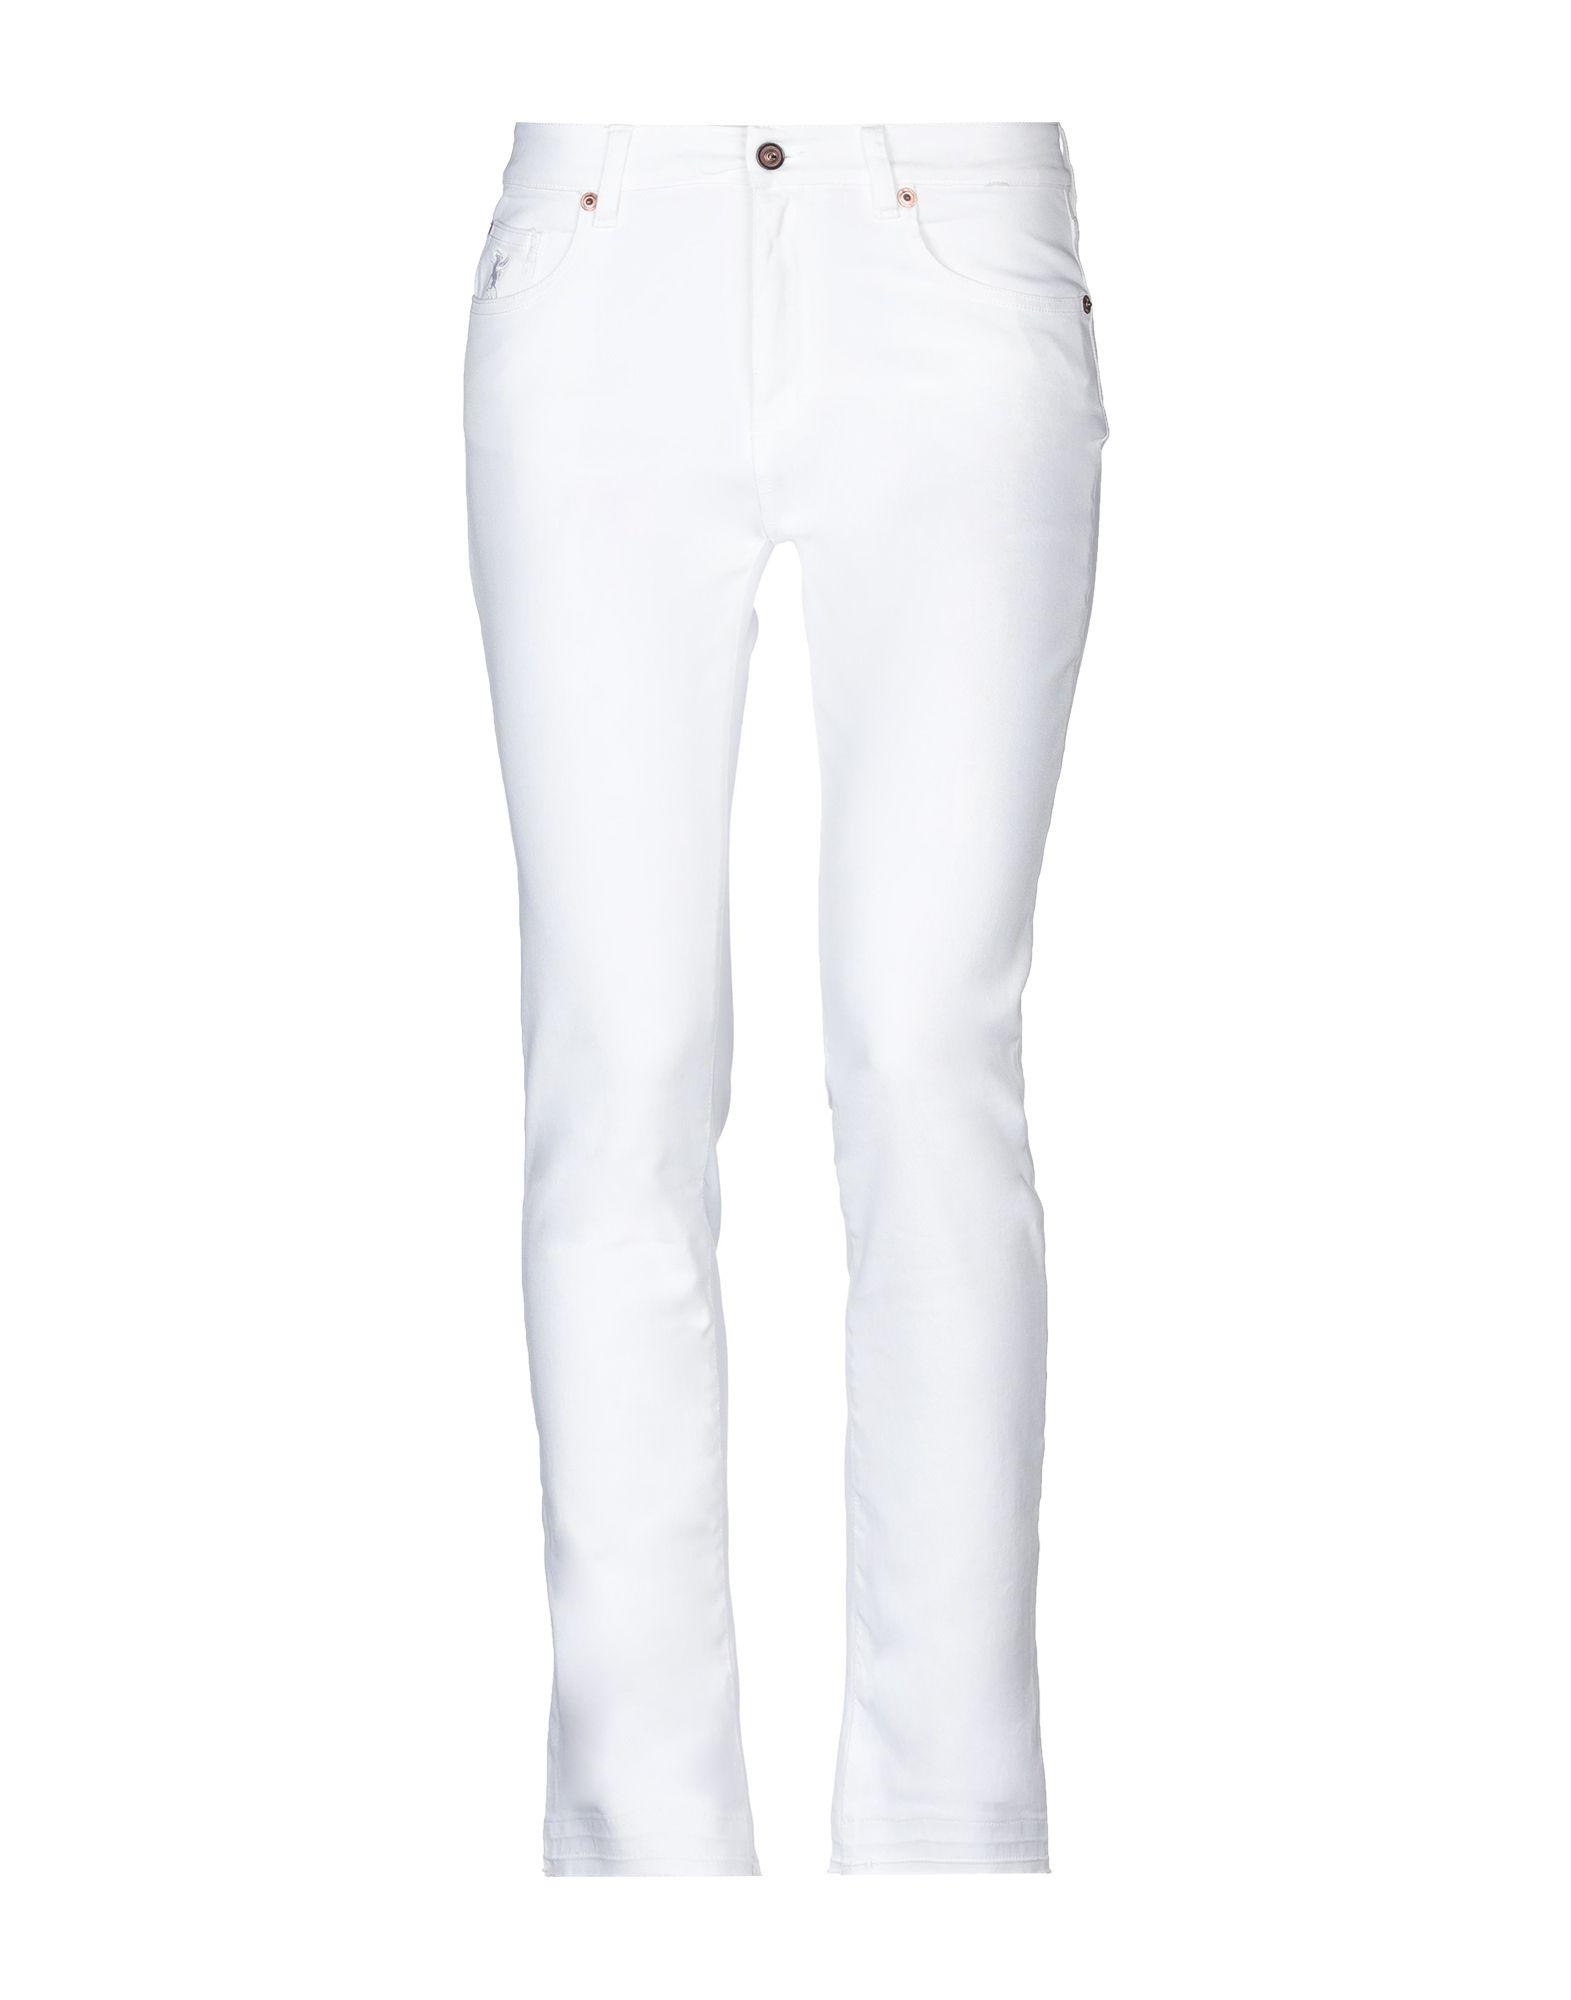 Pantalone Avantgar Denim By European European European Culture donna - 13247994SV a00